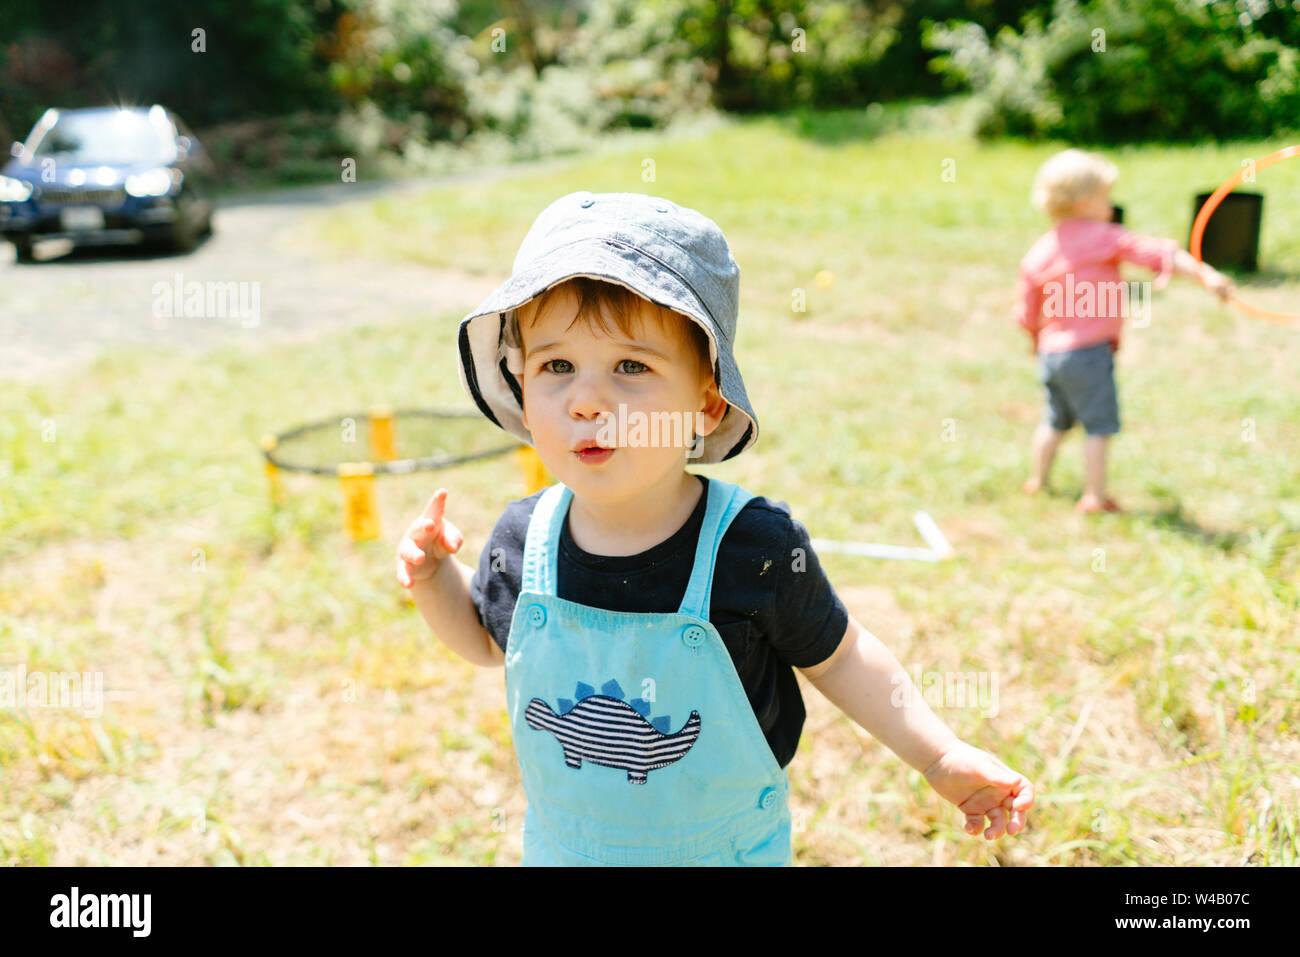 Recta en el retrato de una joven vistiendo un sombrero de cuchara Foto de stock